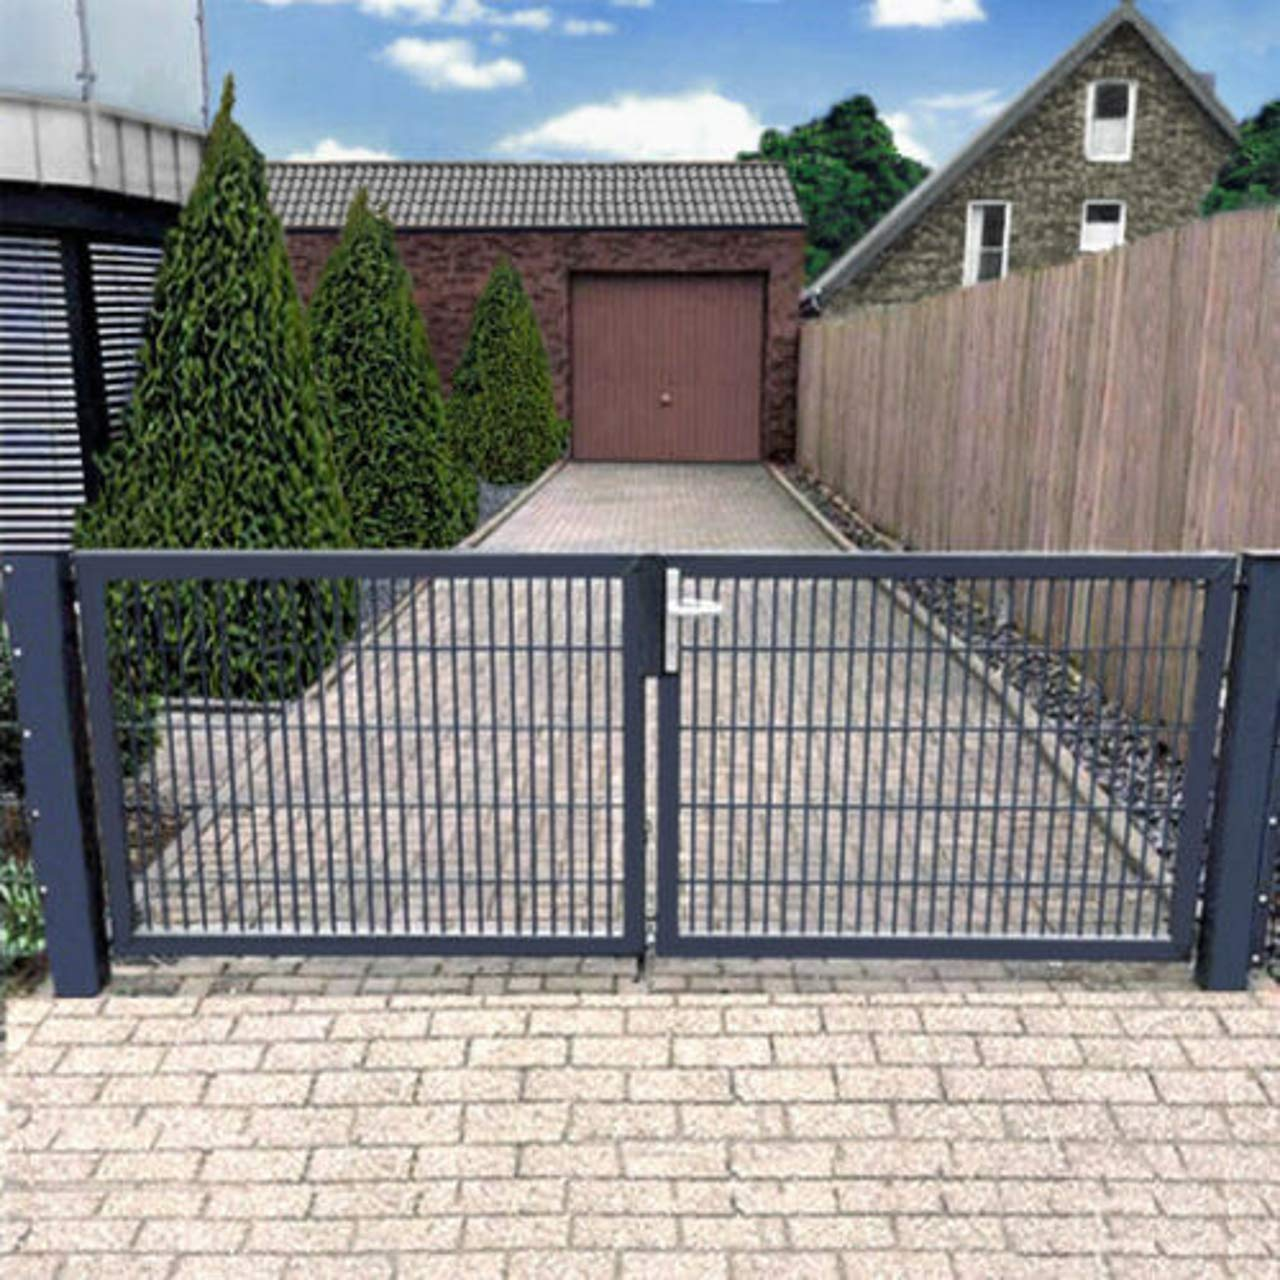 Puerta doble de 200 cm, puerta de jardín Hoftor gris con cerradura, Gris: Amazon.es: Bricolaje y herramientas